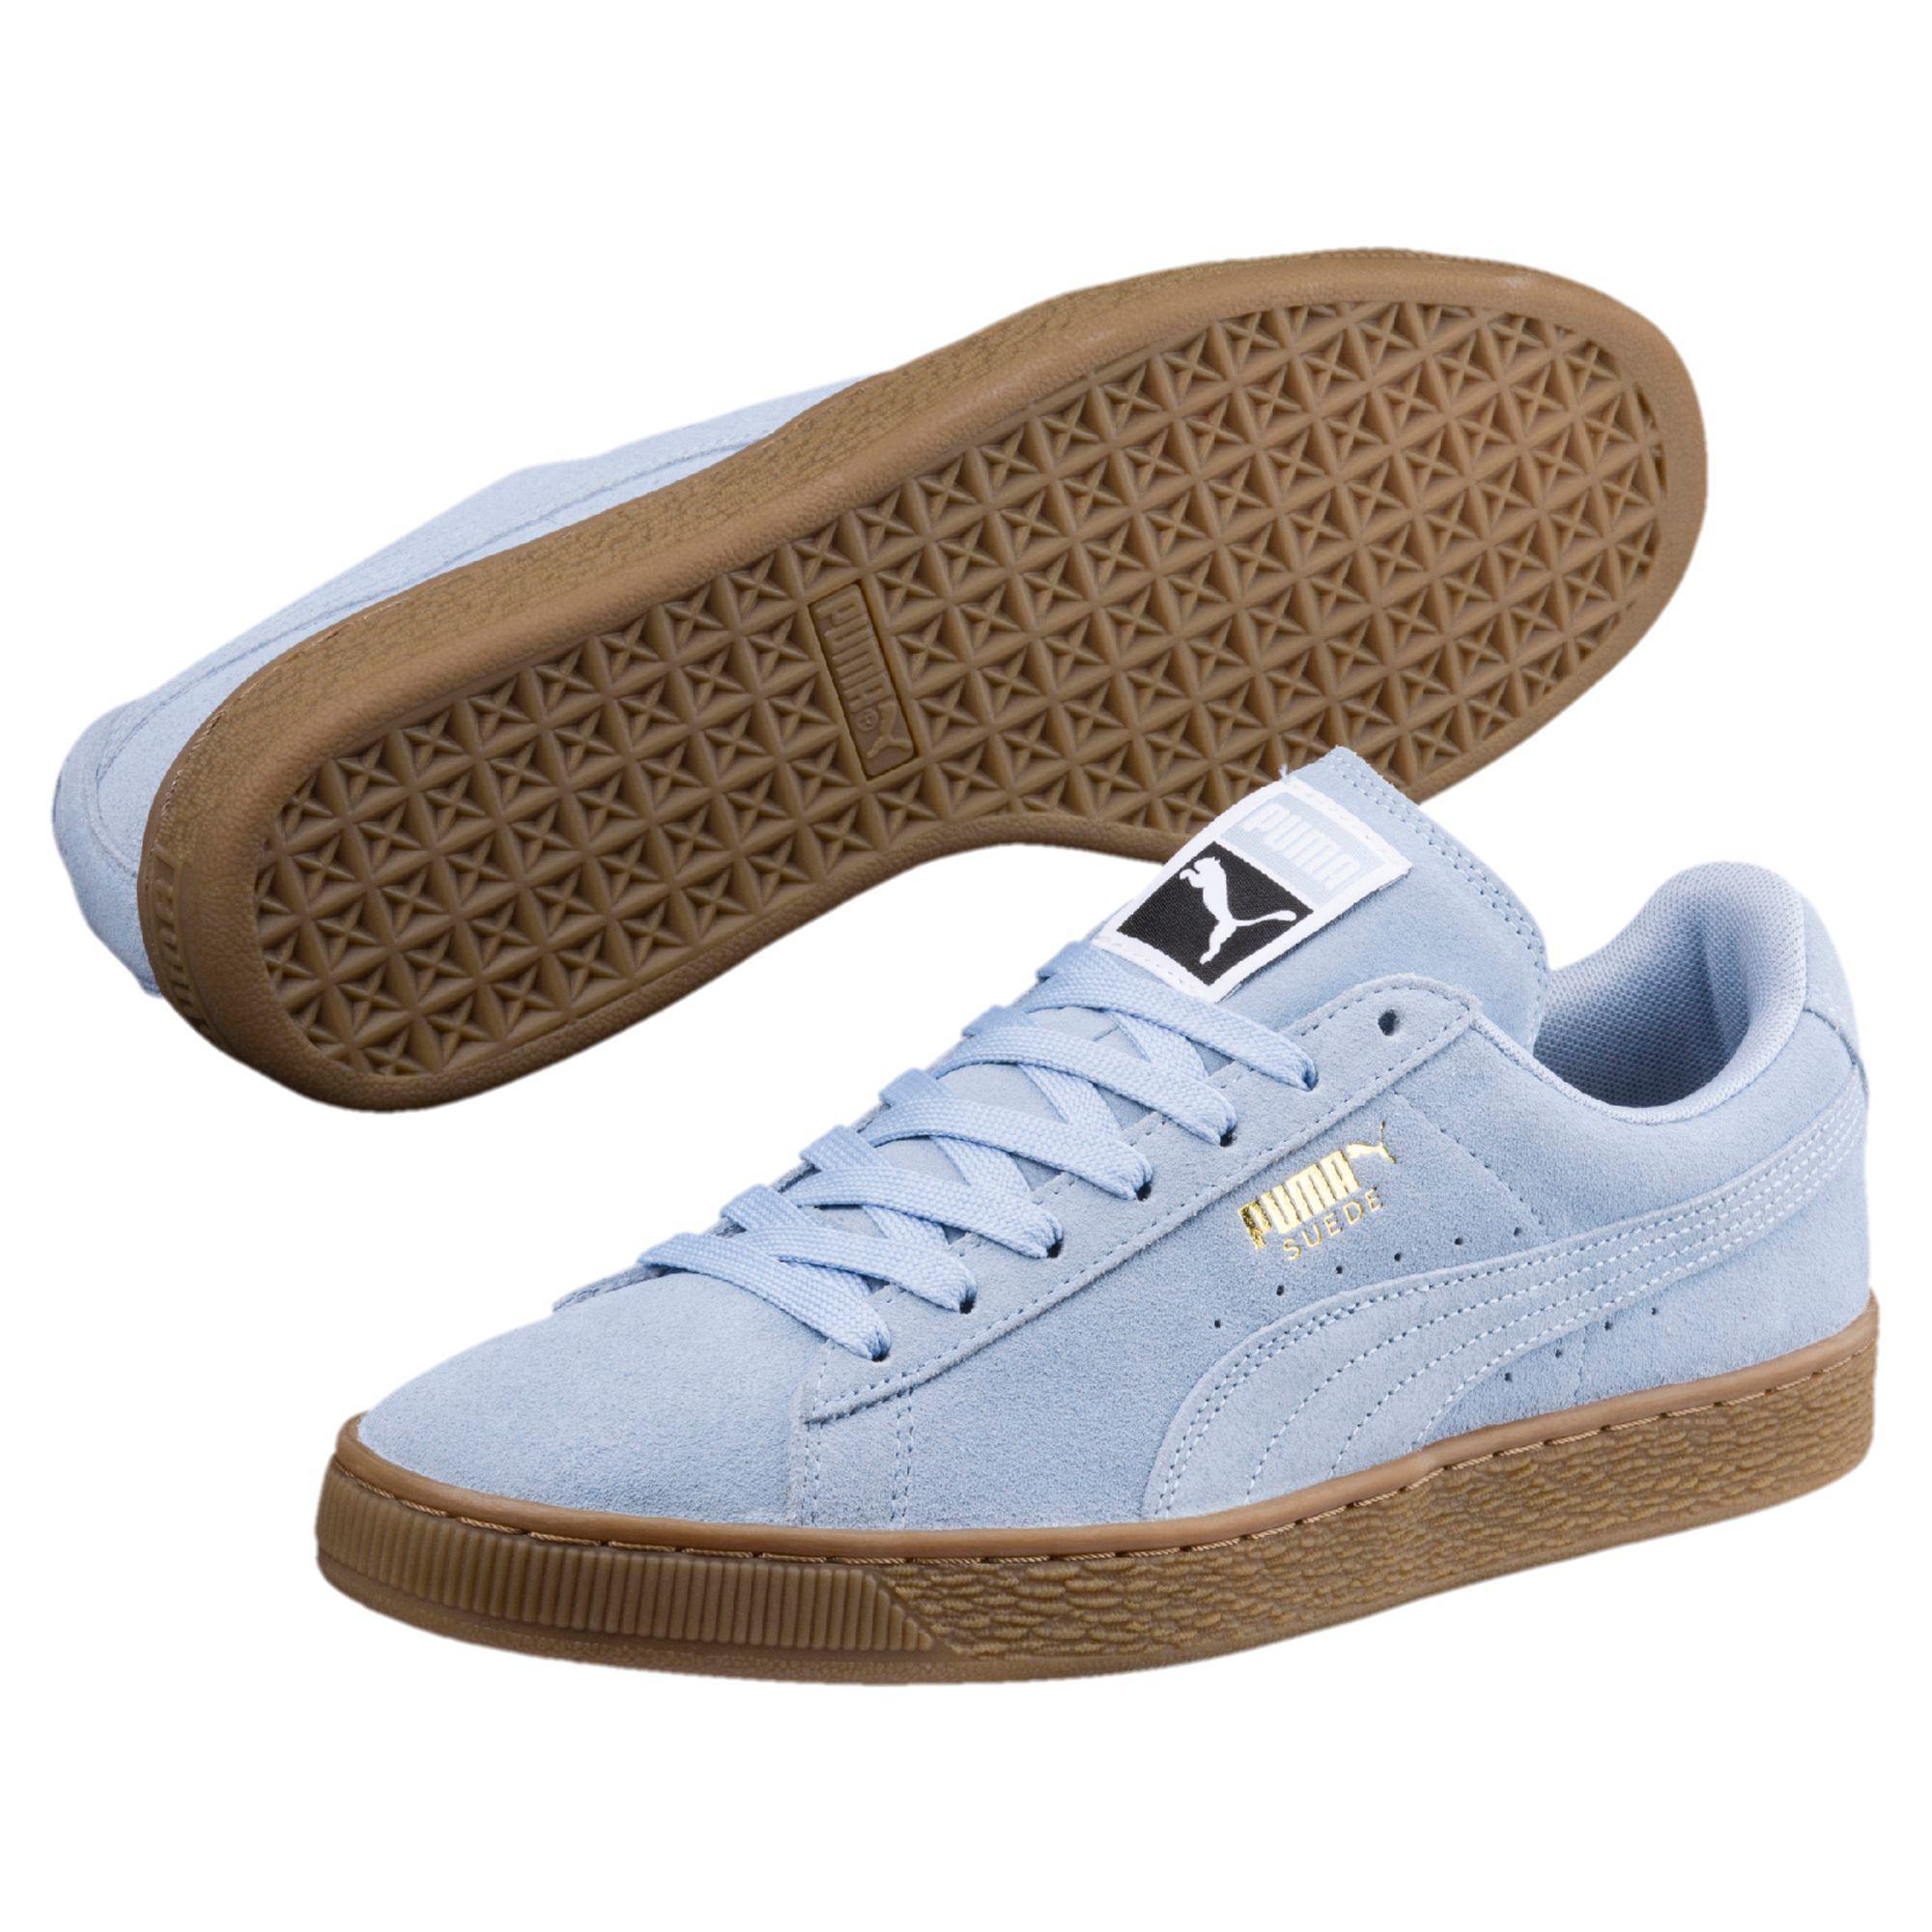 Lyst - PUMA Suede Classic Gum Sneakers in Blue for Men b0d4a0cb8